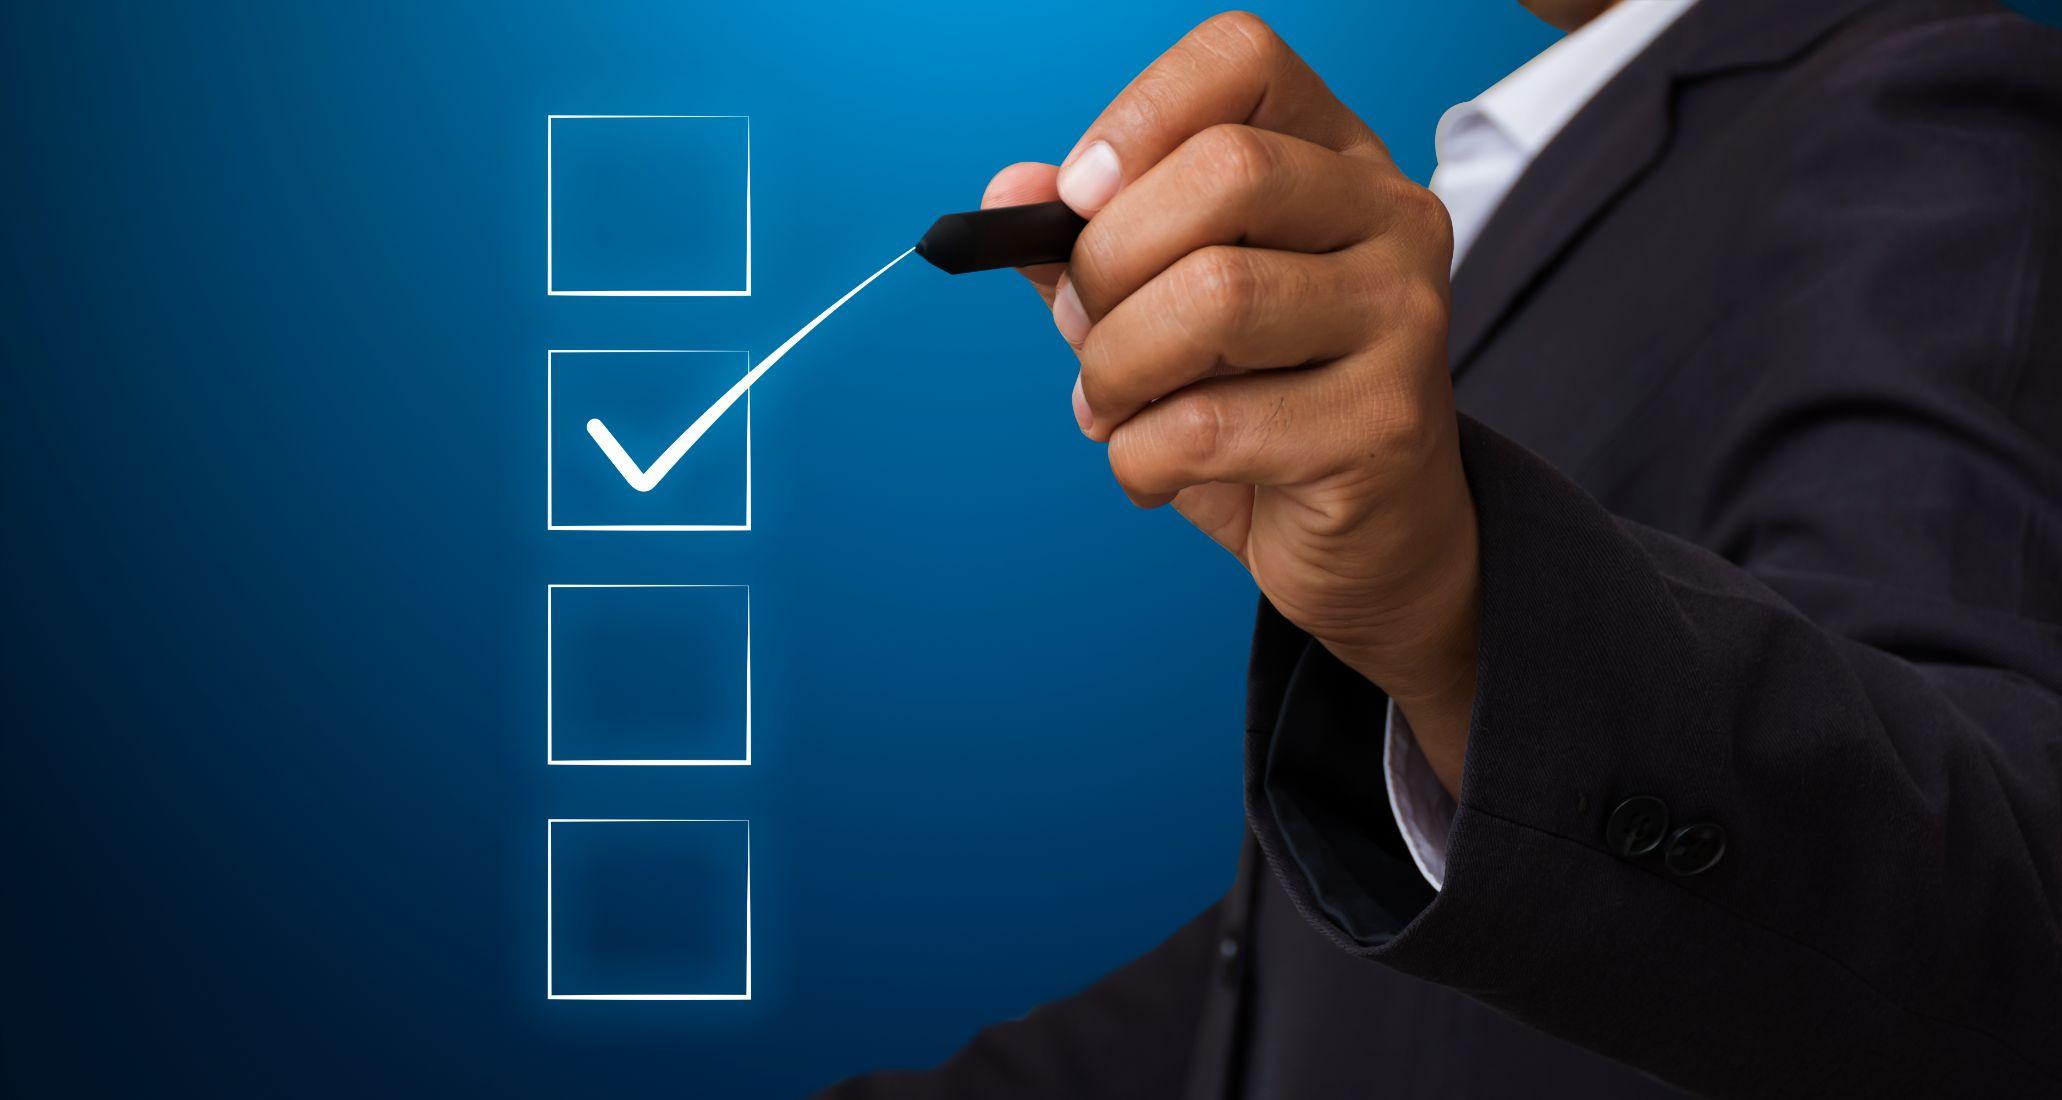 「柔軟性」をアピールする自己PR例文 3つの書き方と注意点